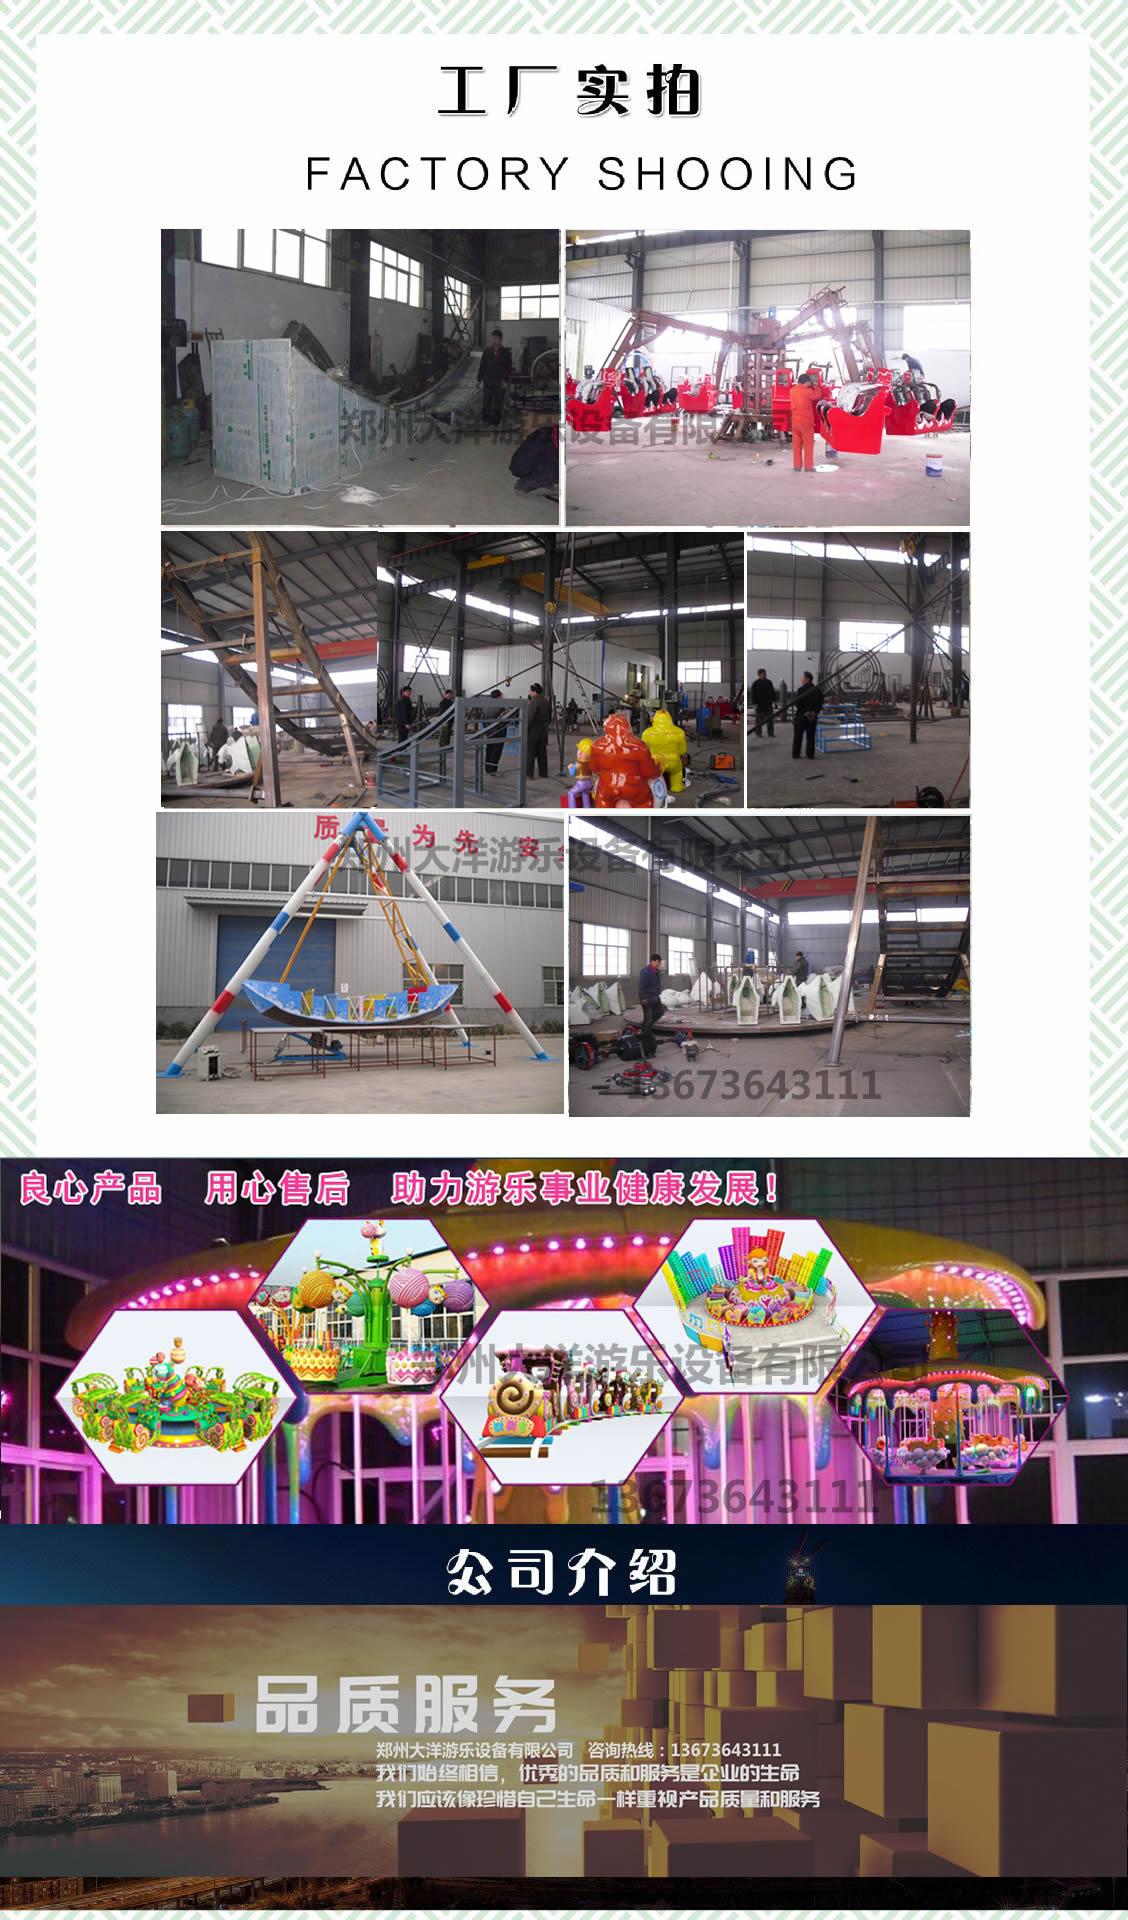 2019郑州大洋新品上市旋转梦幻飞碟,儿童卡通造型6臂梦幻飞碟-专用游乐设备示例图19